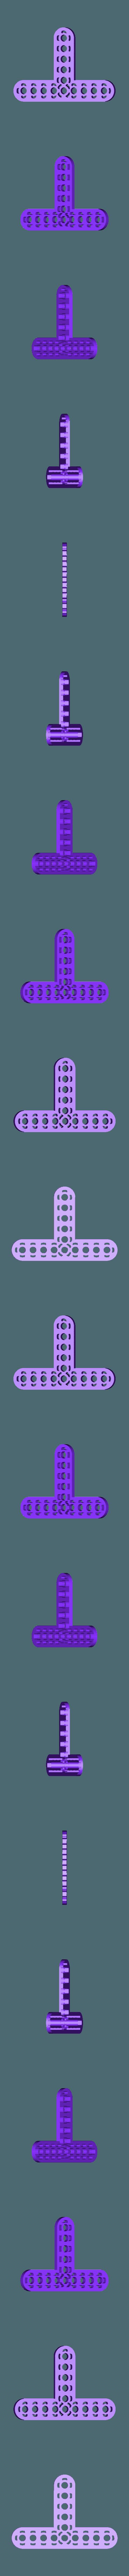 T_9_6.STL Télécharger fichier STL gratuit MEGA Expansion 200+ Pièces • Plan à imprimer en 3D, Pwentey